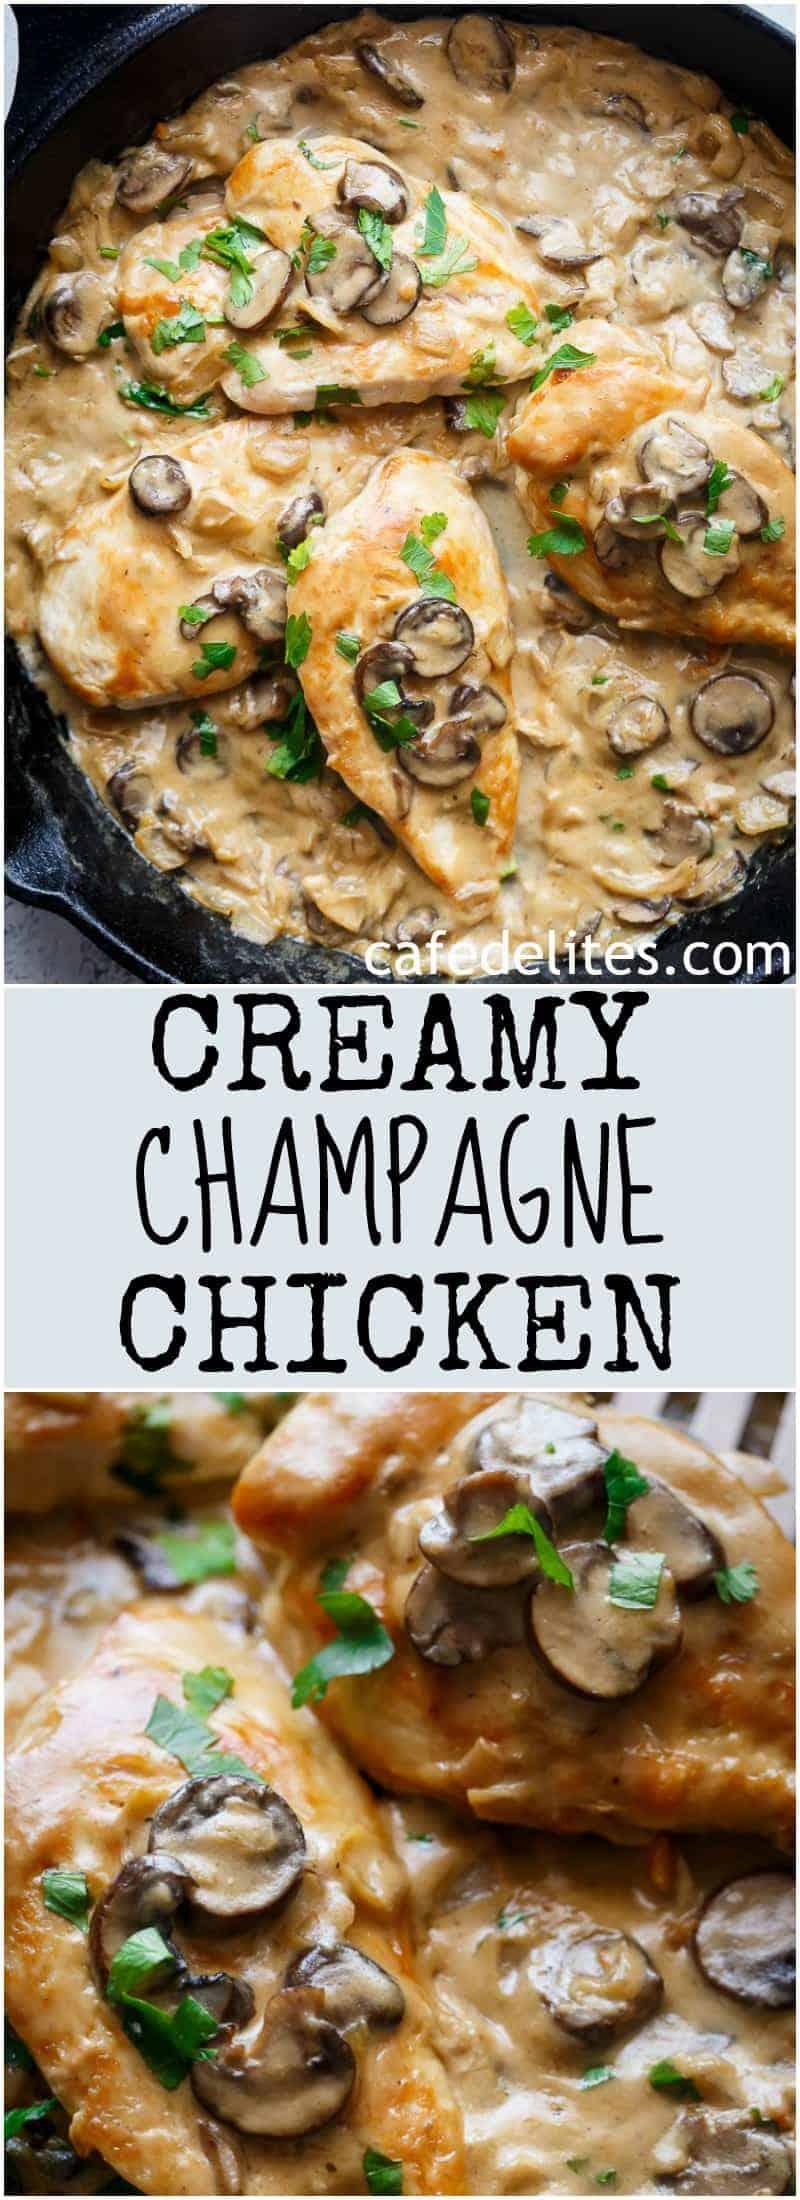 Creamy Champagne Chicken   https://cafedelites.com